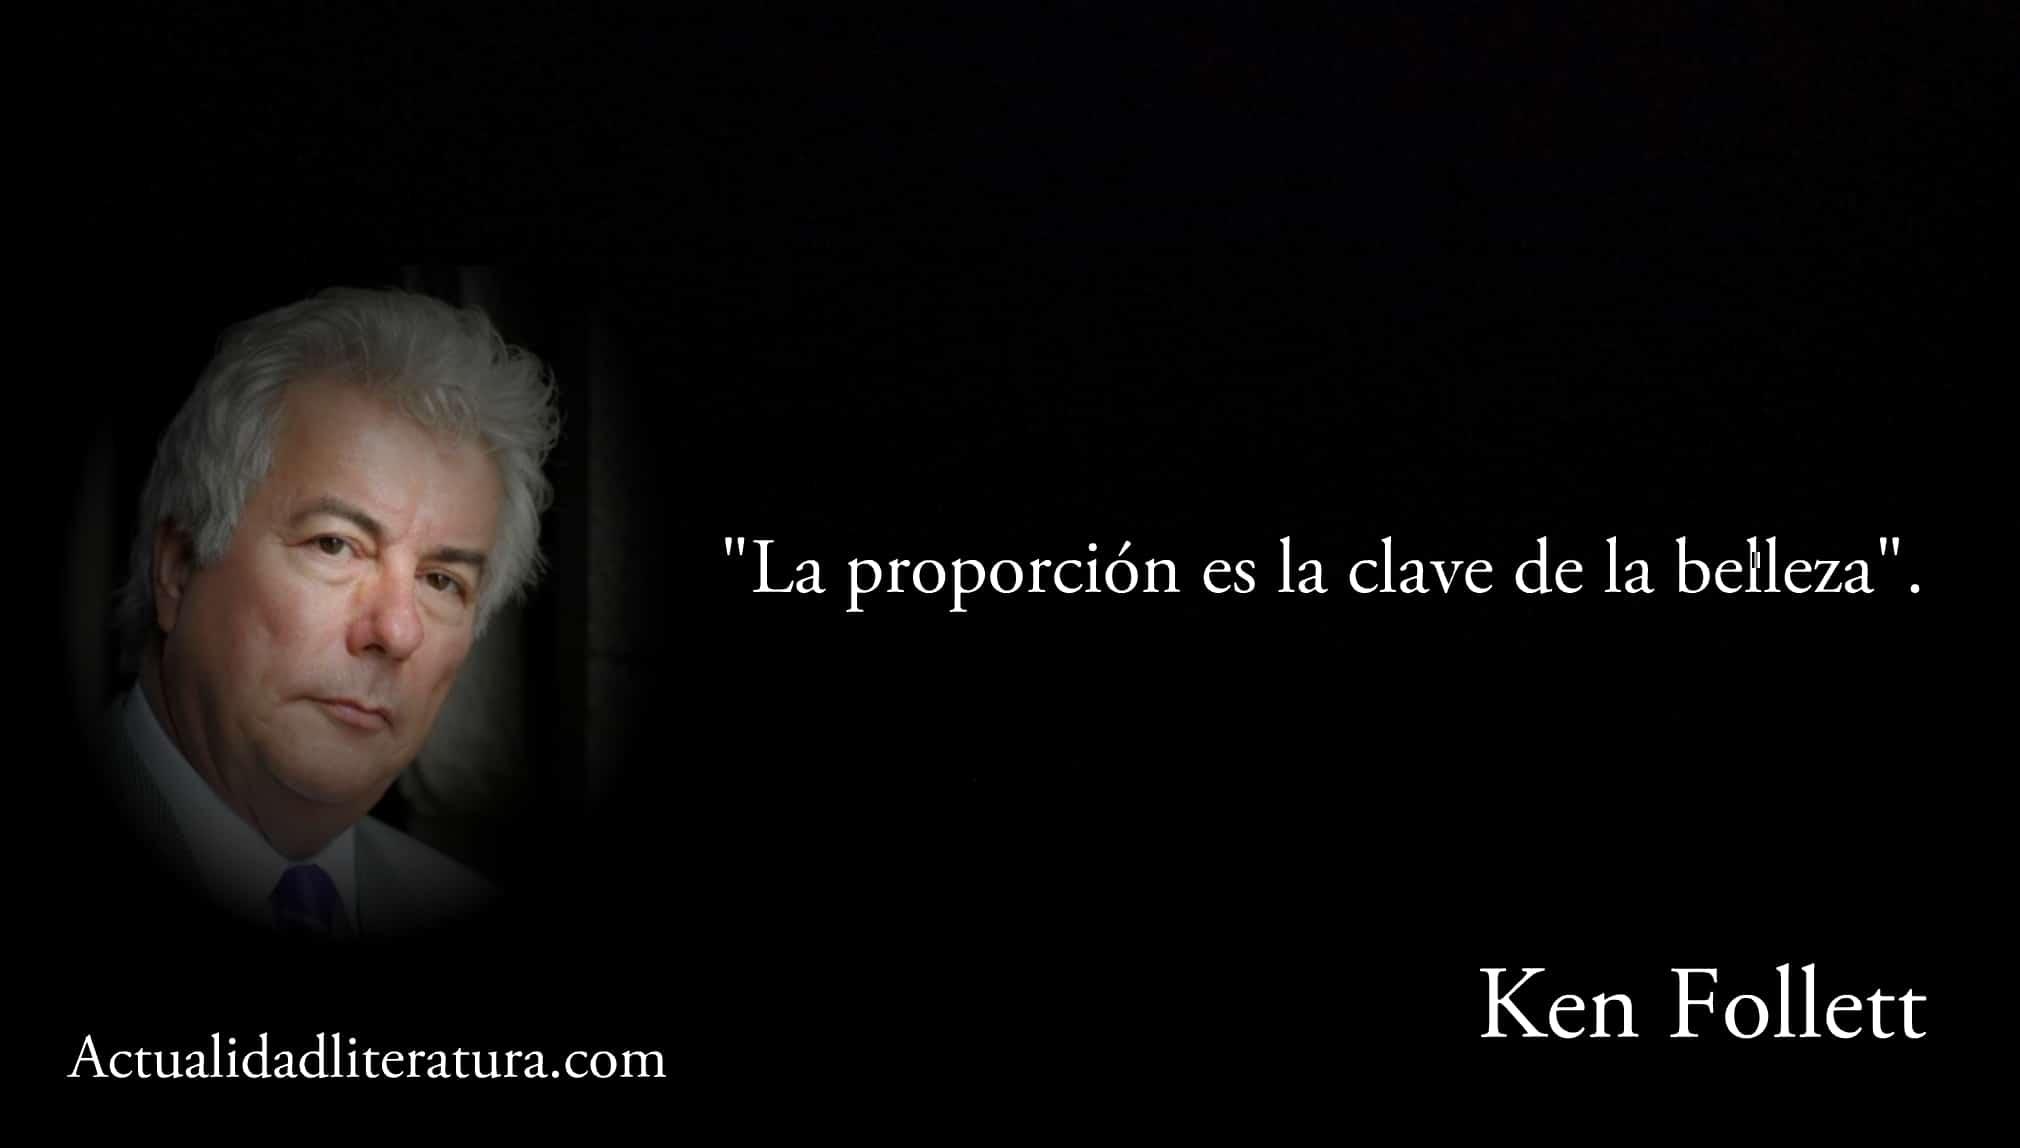 Frases de Ken Follett.